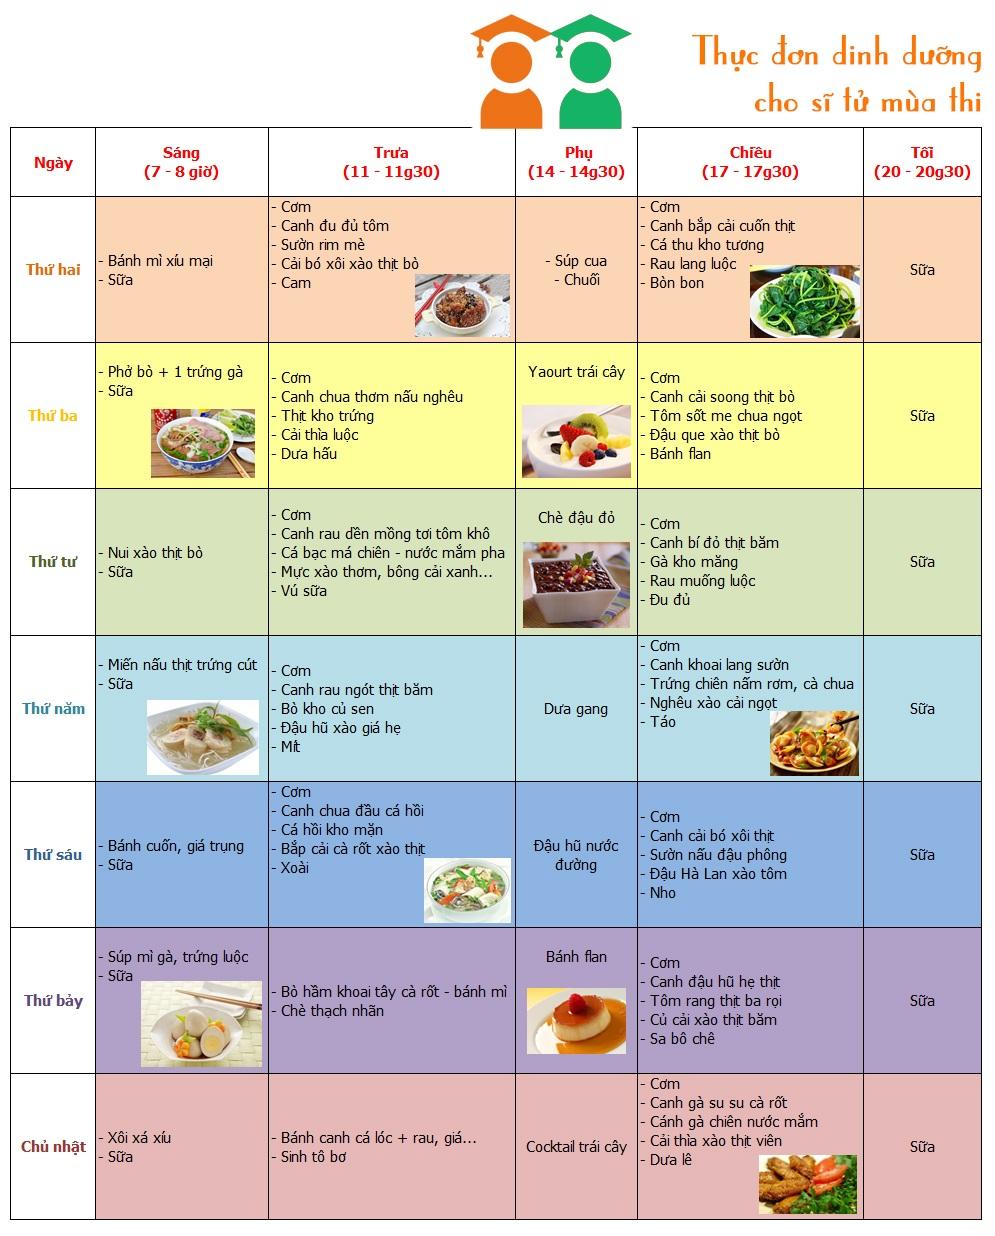 cham-lo-suc-khoe-si-tu-trong-mua-thi-2-htt.edu.vn